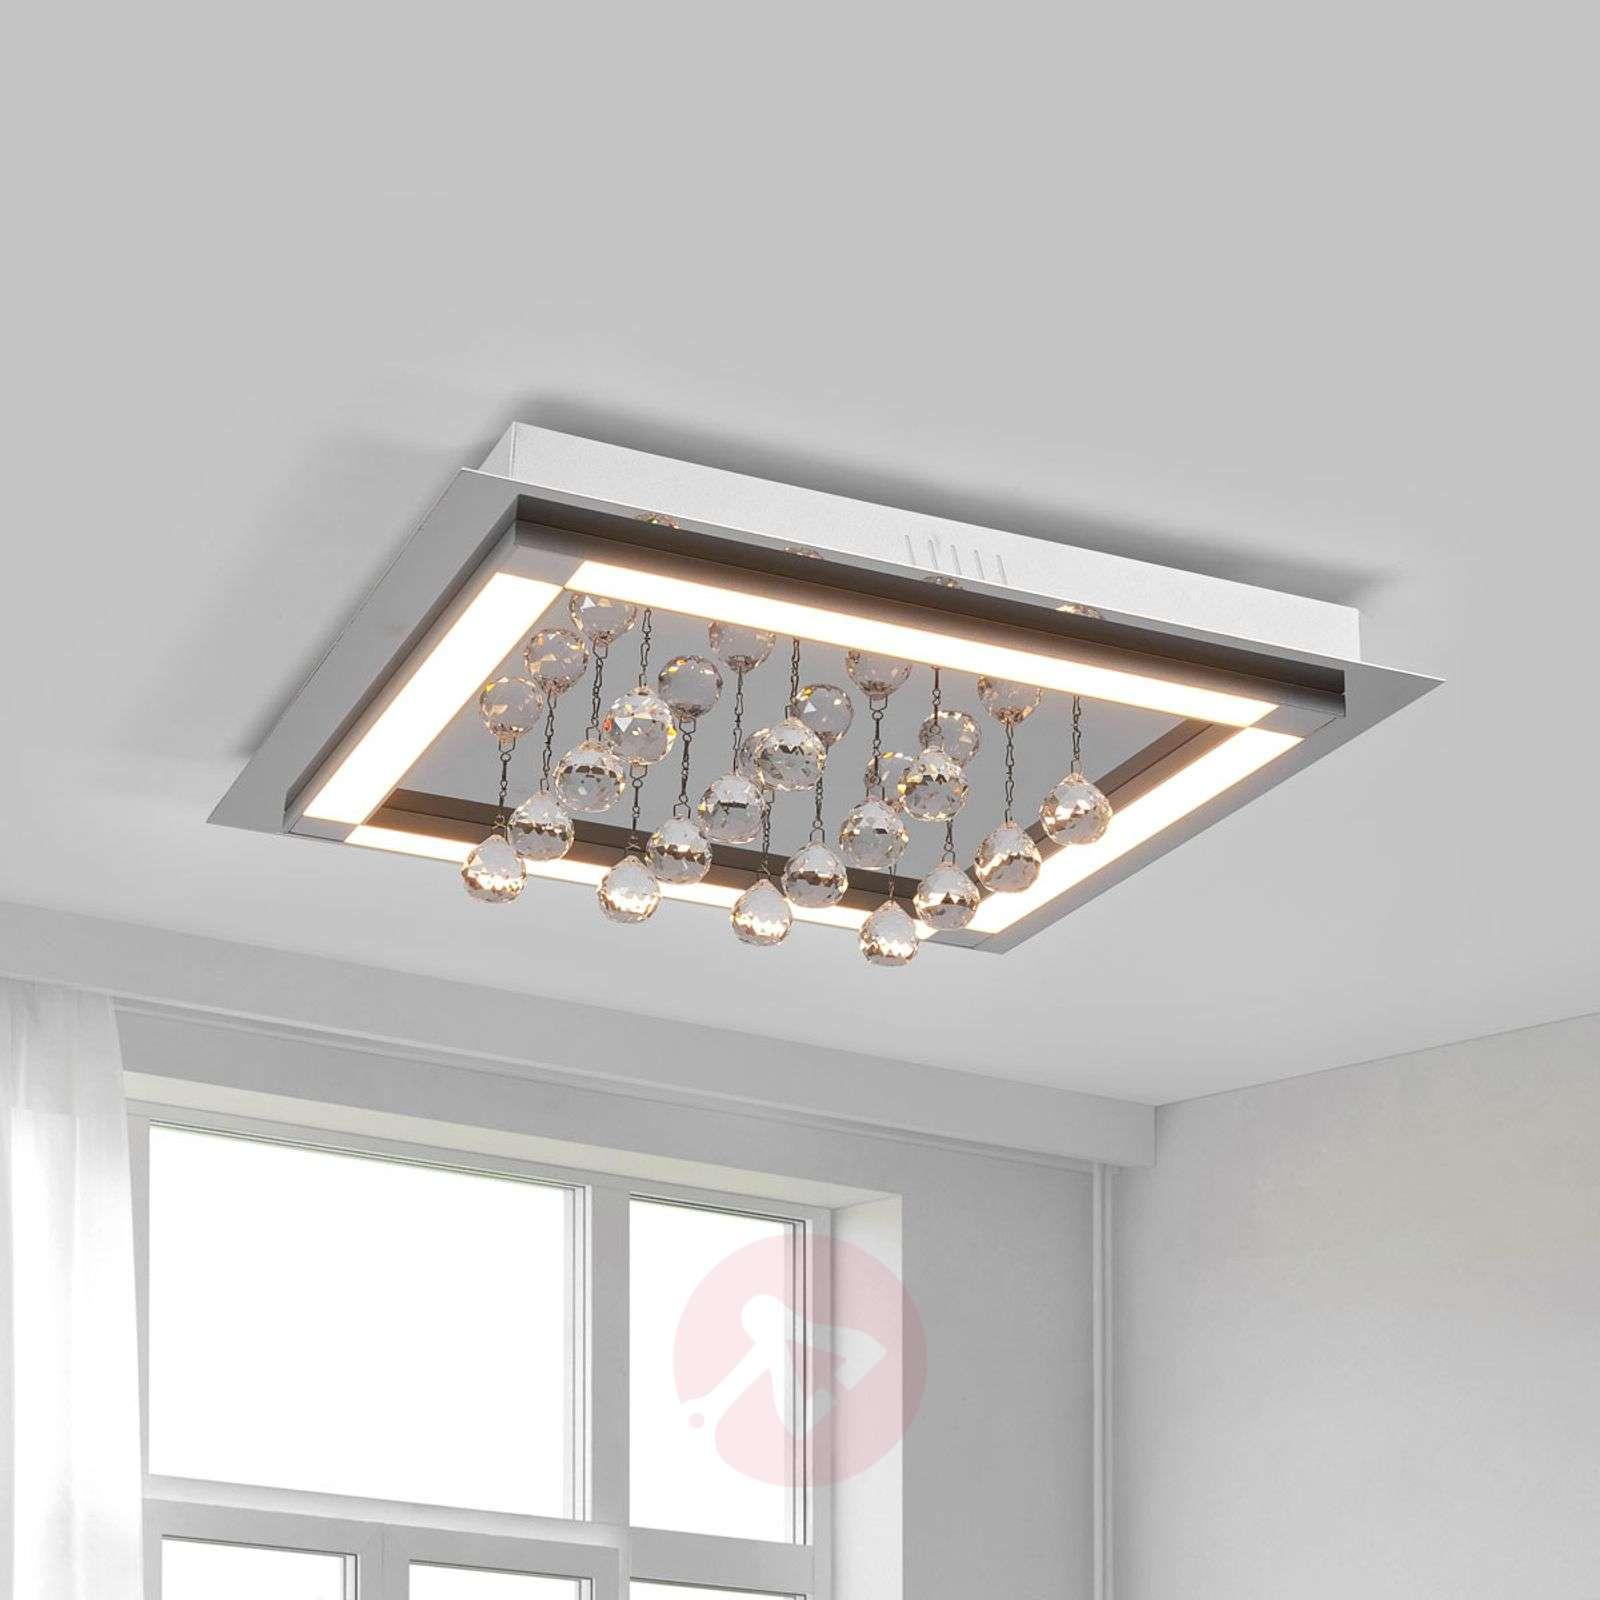 Tyylikäs LED-kattovalaisin Leggero kristalliriip.-6089006-01